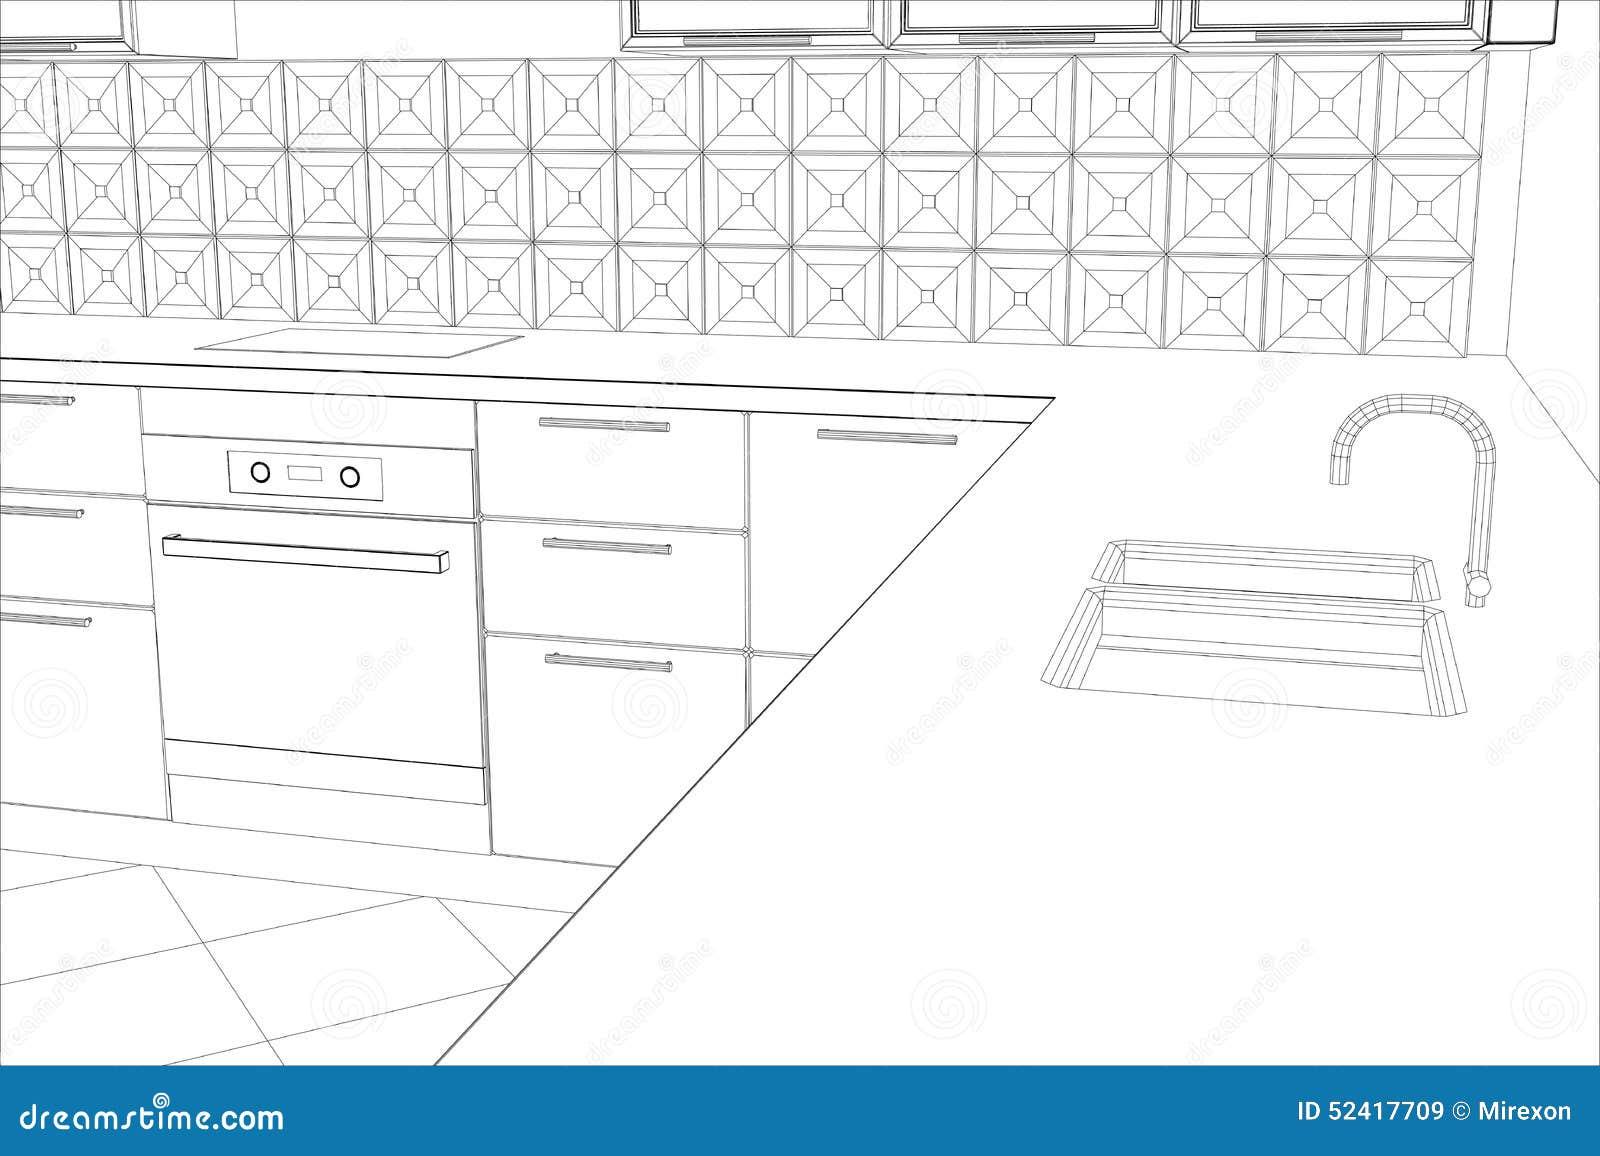 Cucina dell 39 interno di progettazione di schizzo di bstract for Software di progettazione di costruzione di case gratuito